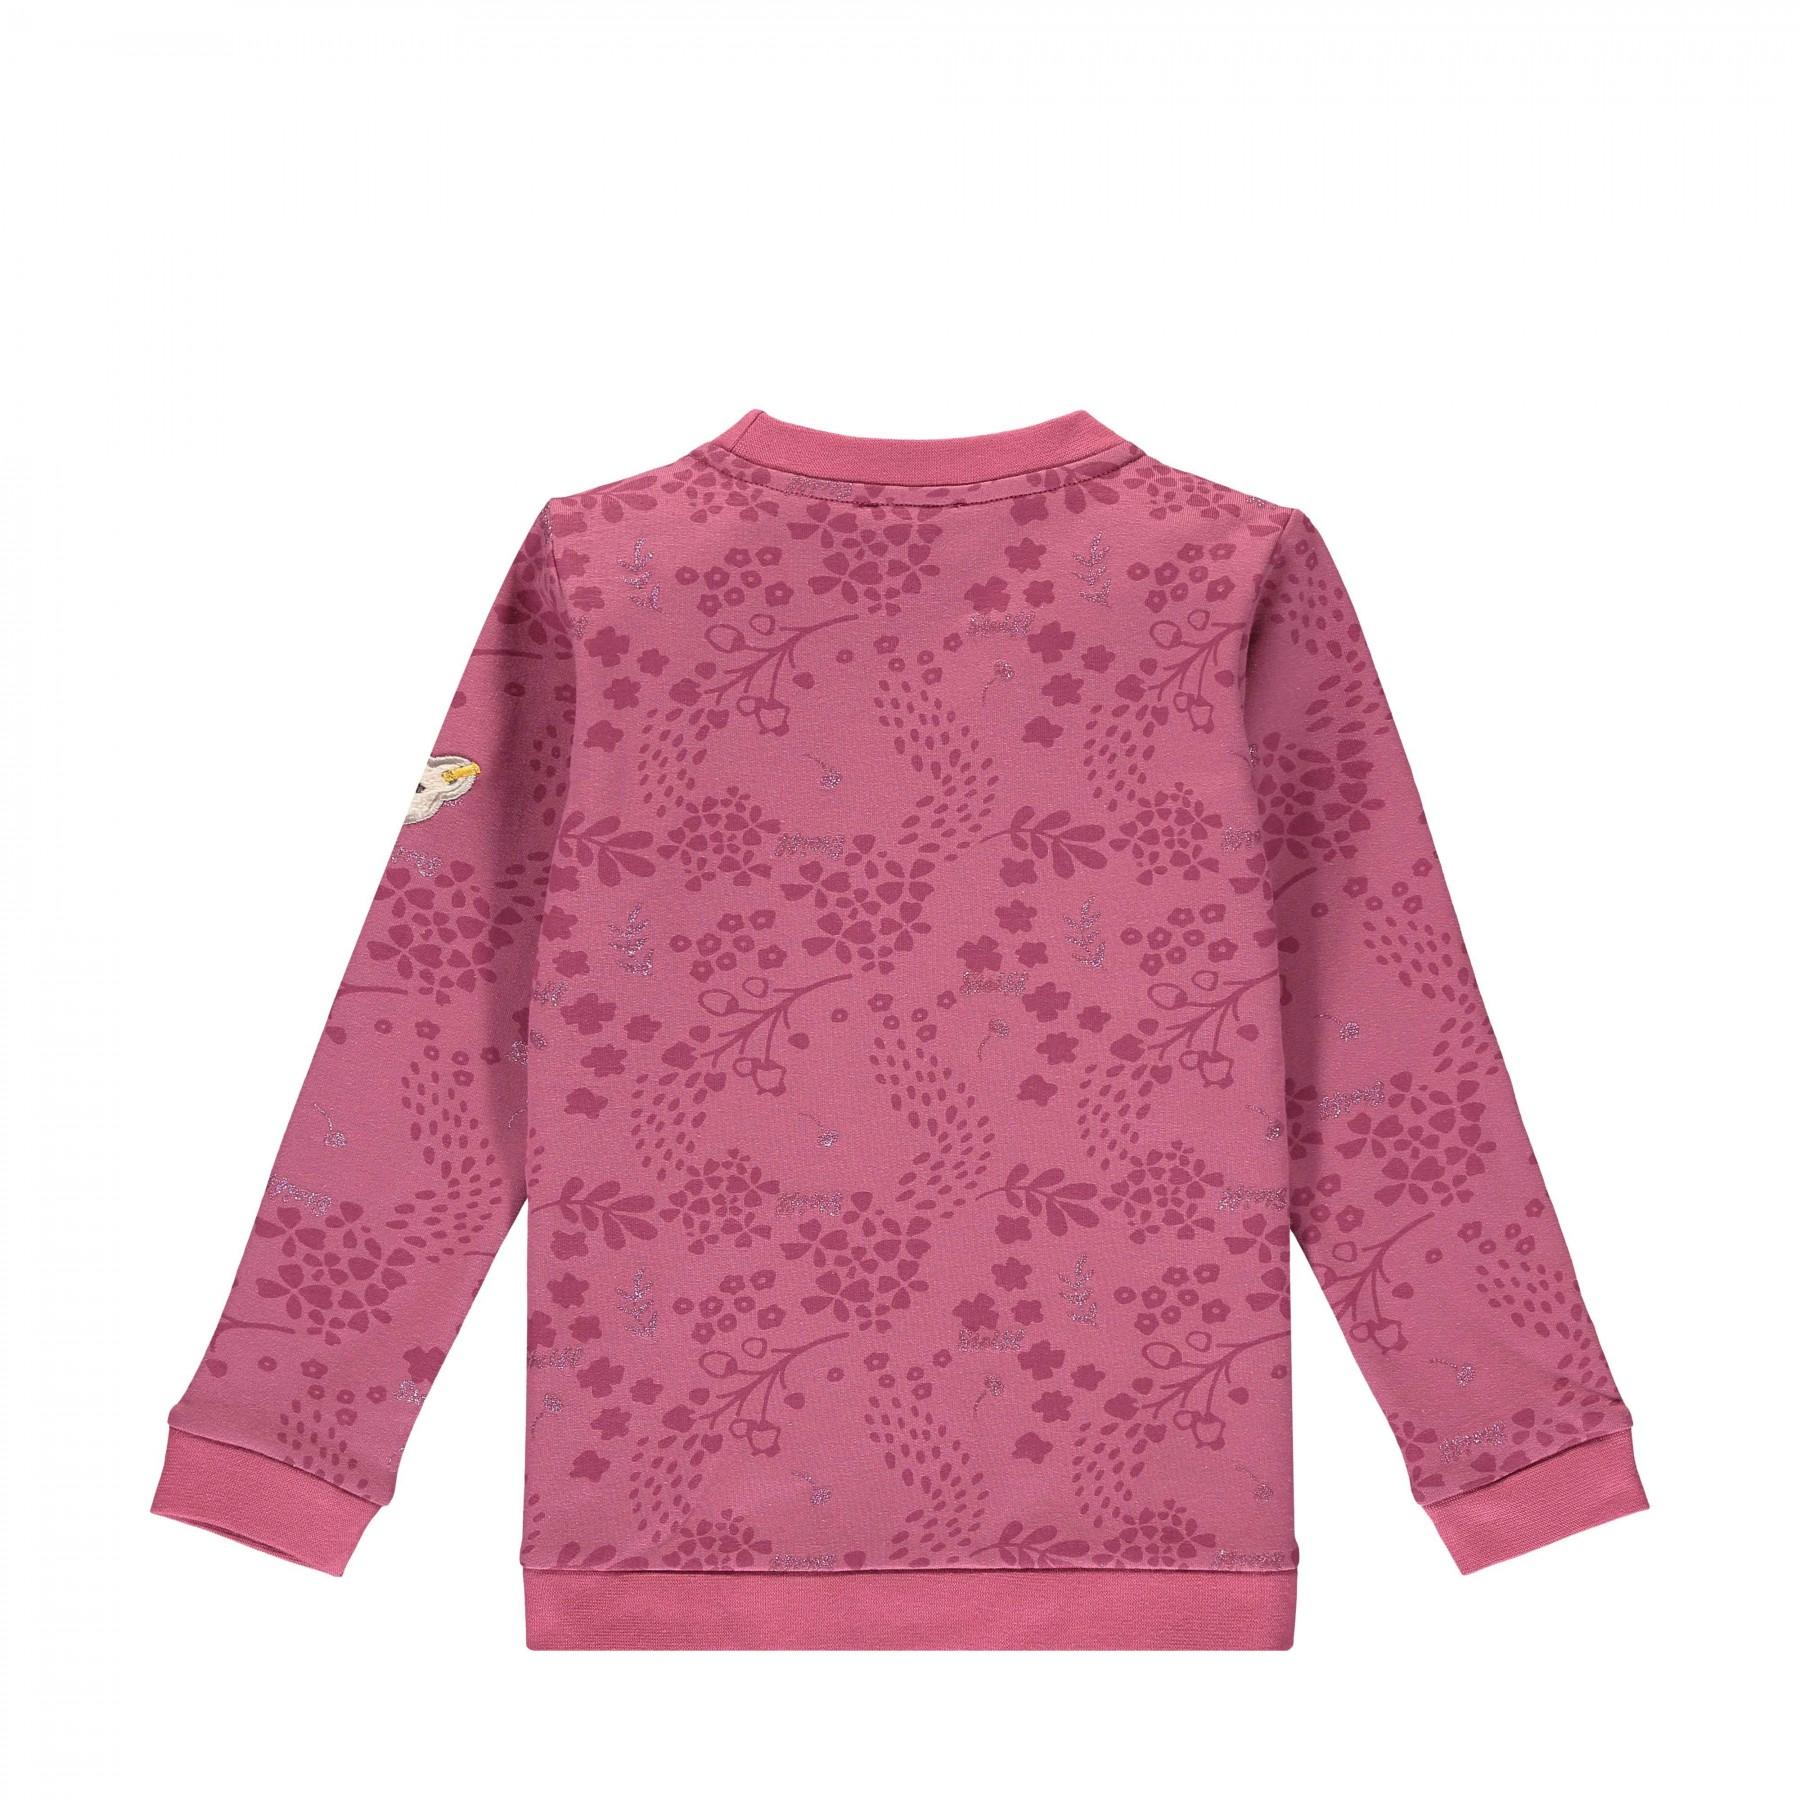 Sweatshirt von Steiff